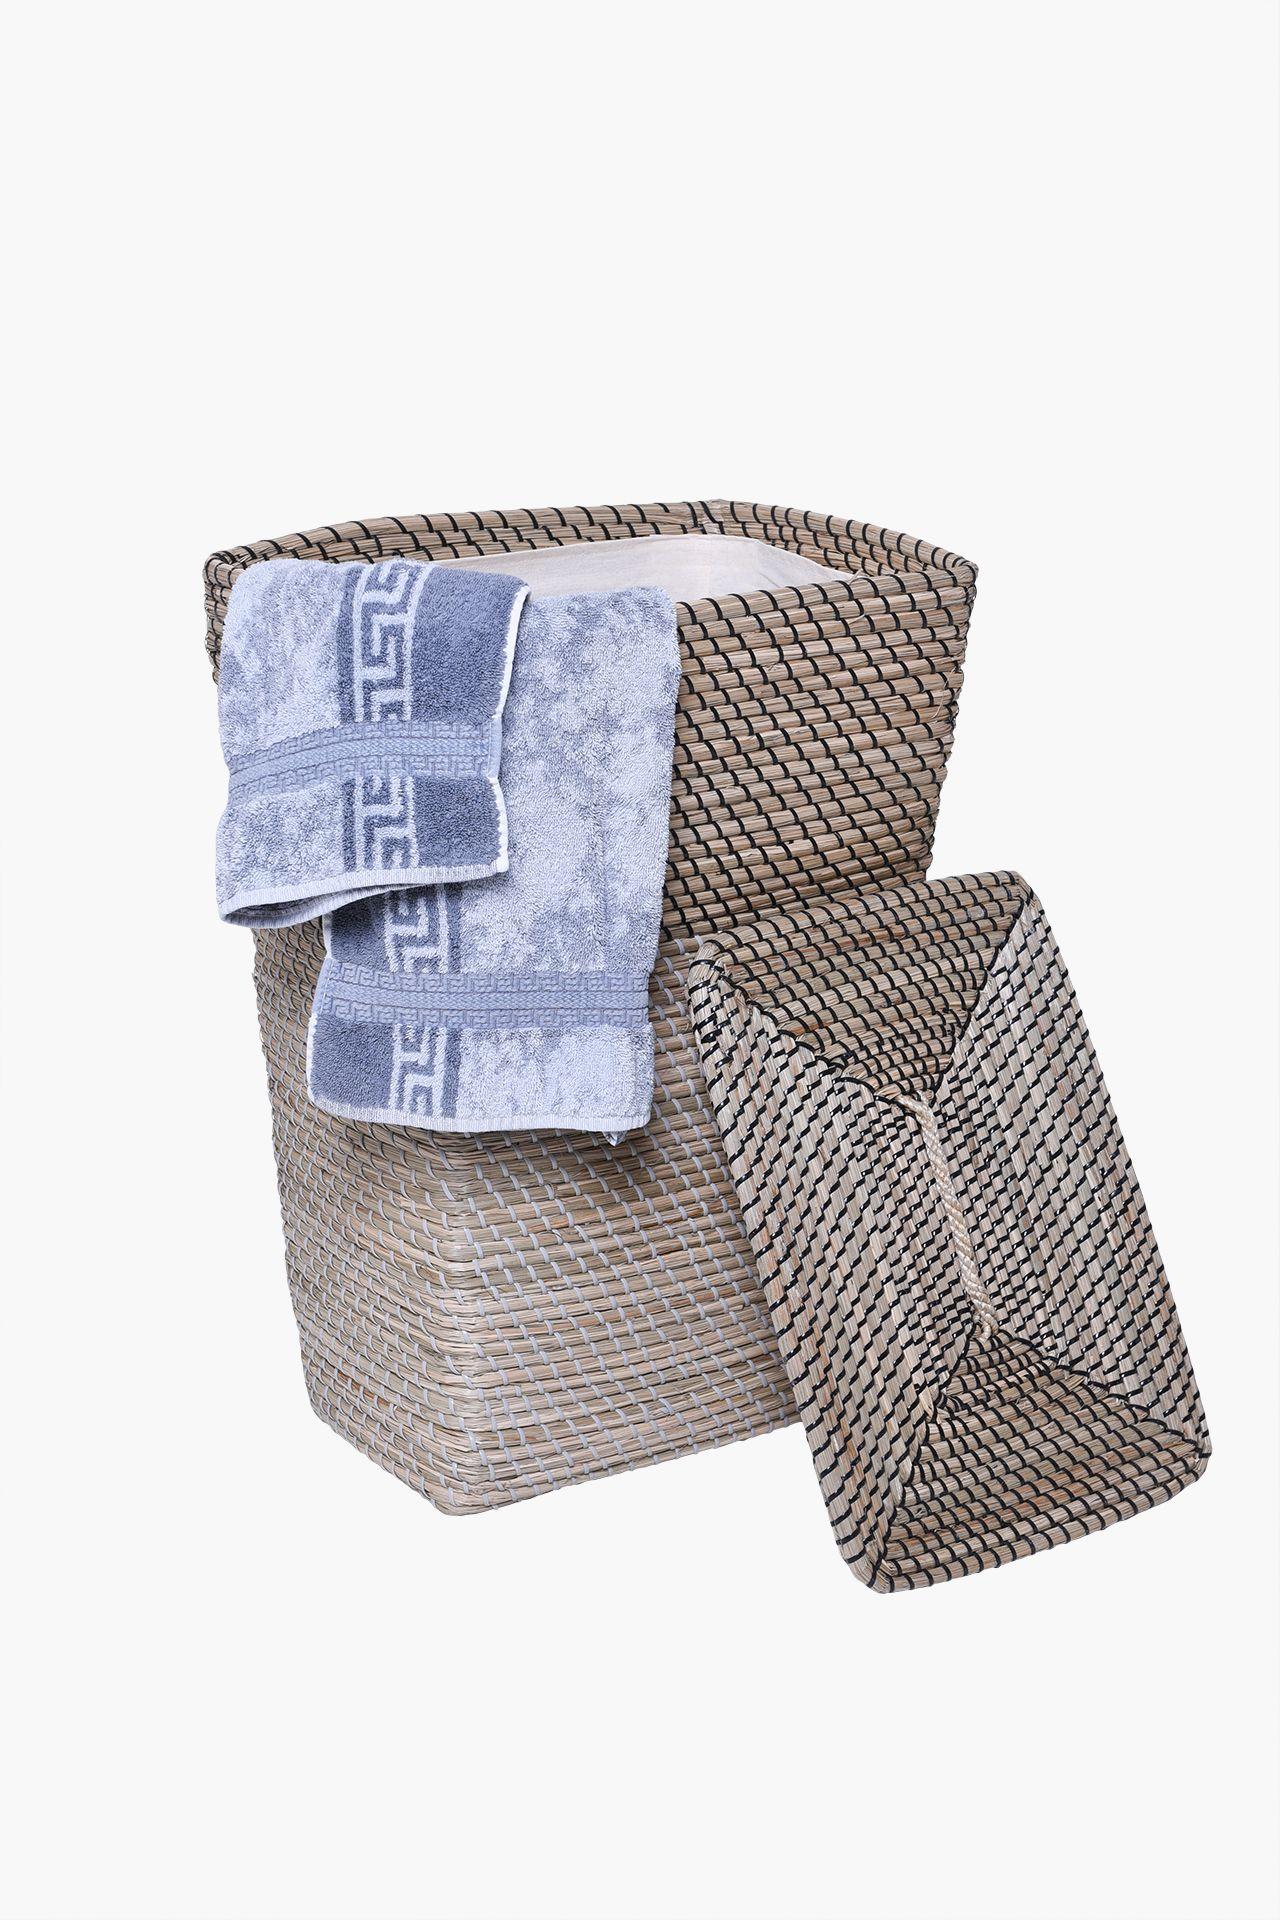 w schekorb w schebox w schesammler korb seegras home 52 cm hoch natur schwarz ebay. Black Bedroom Furniture Sets. Home Design Ideas